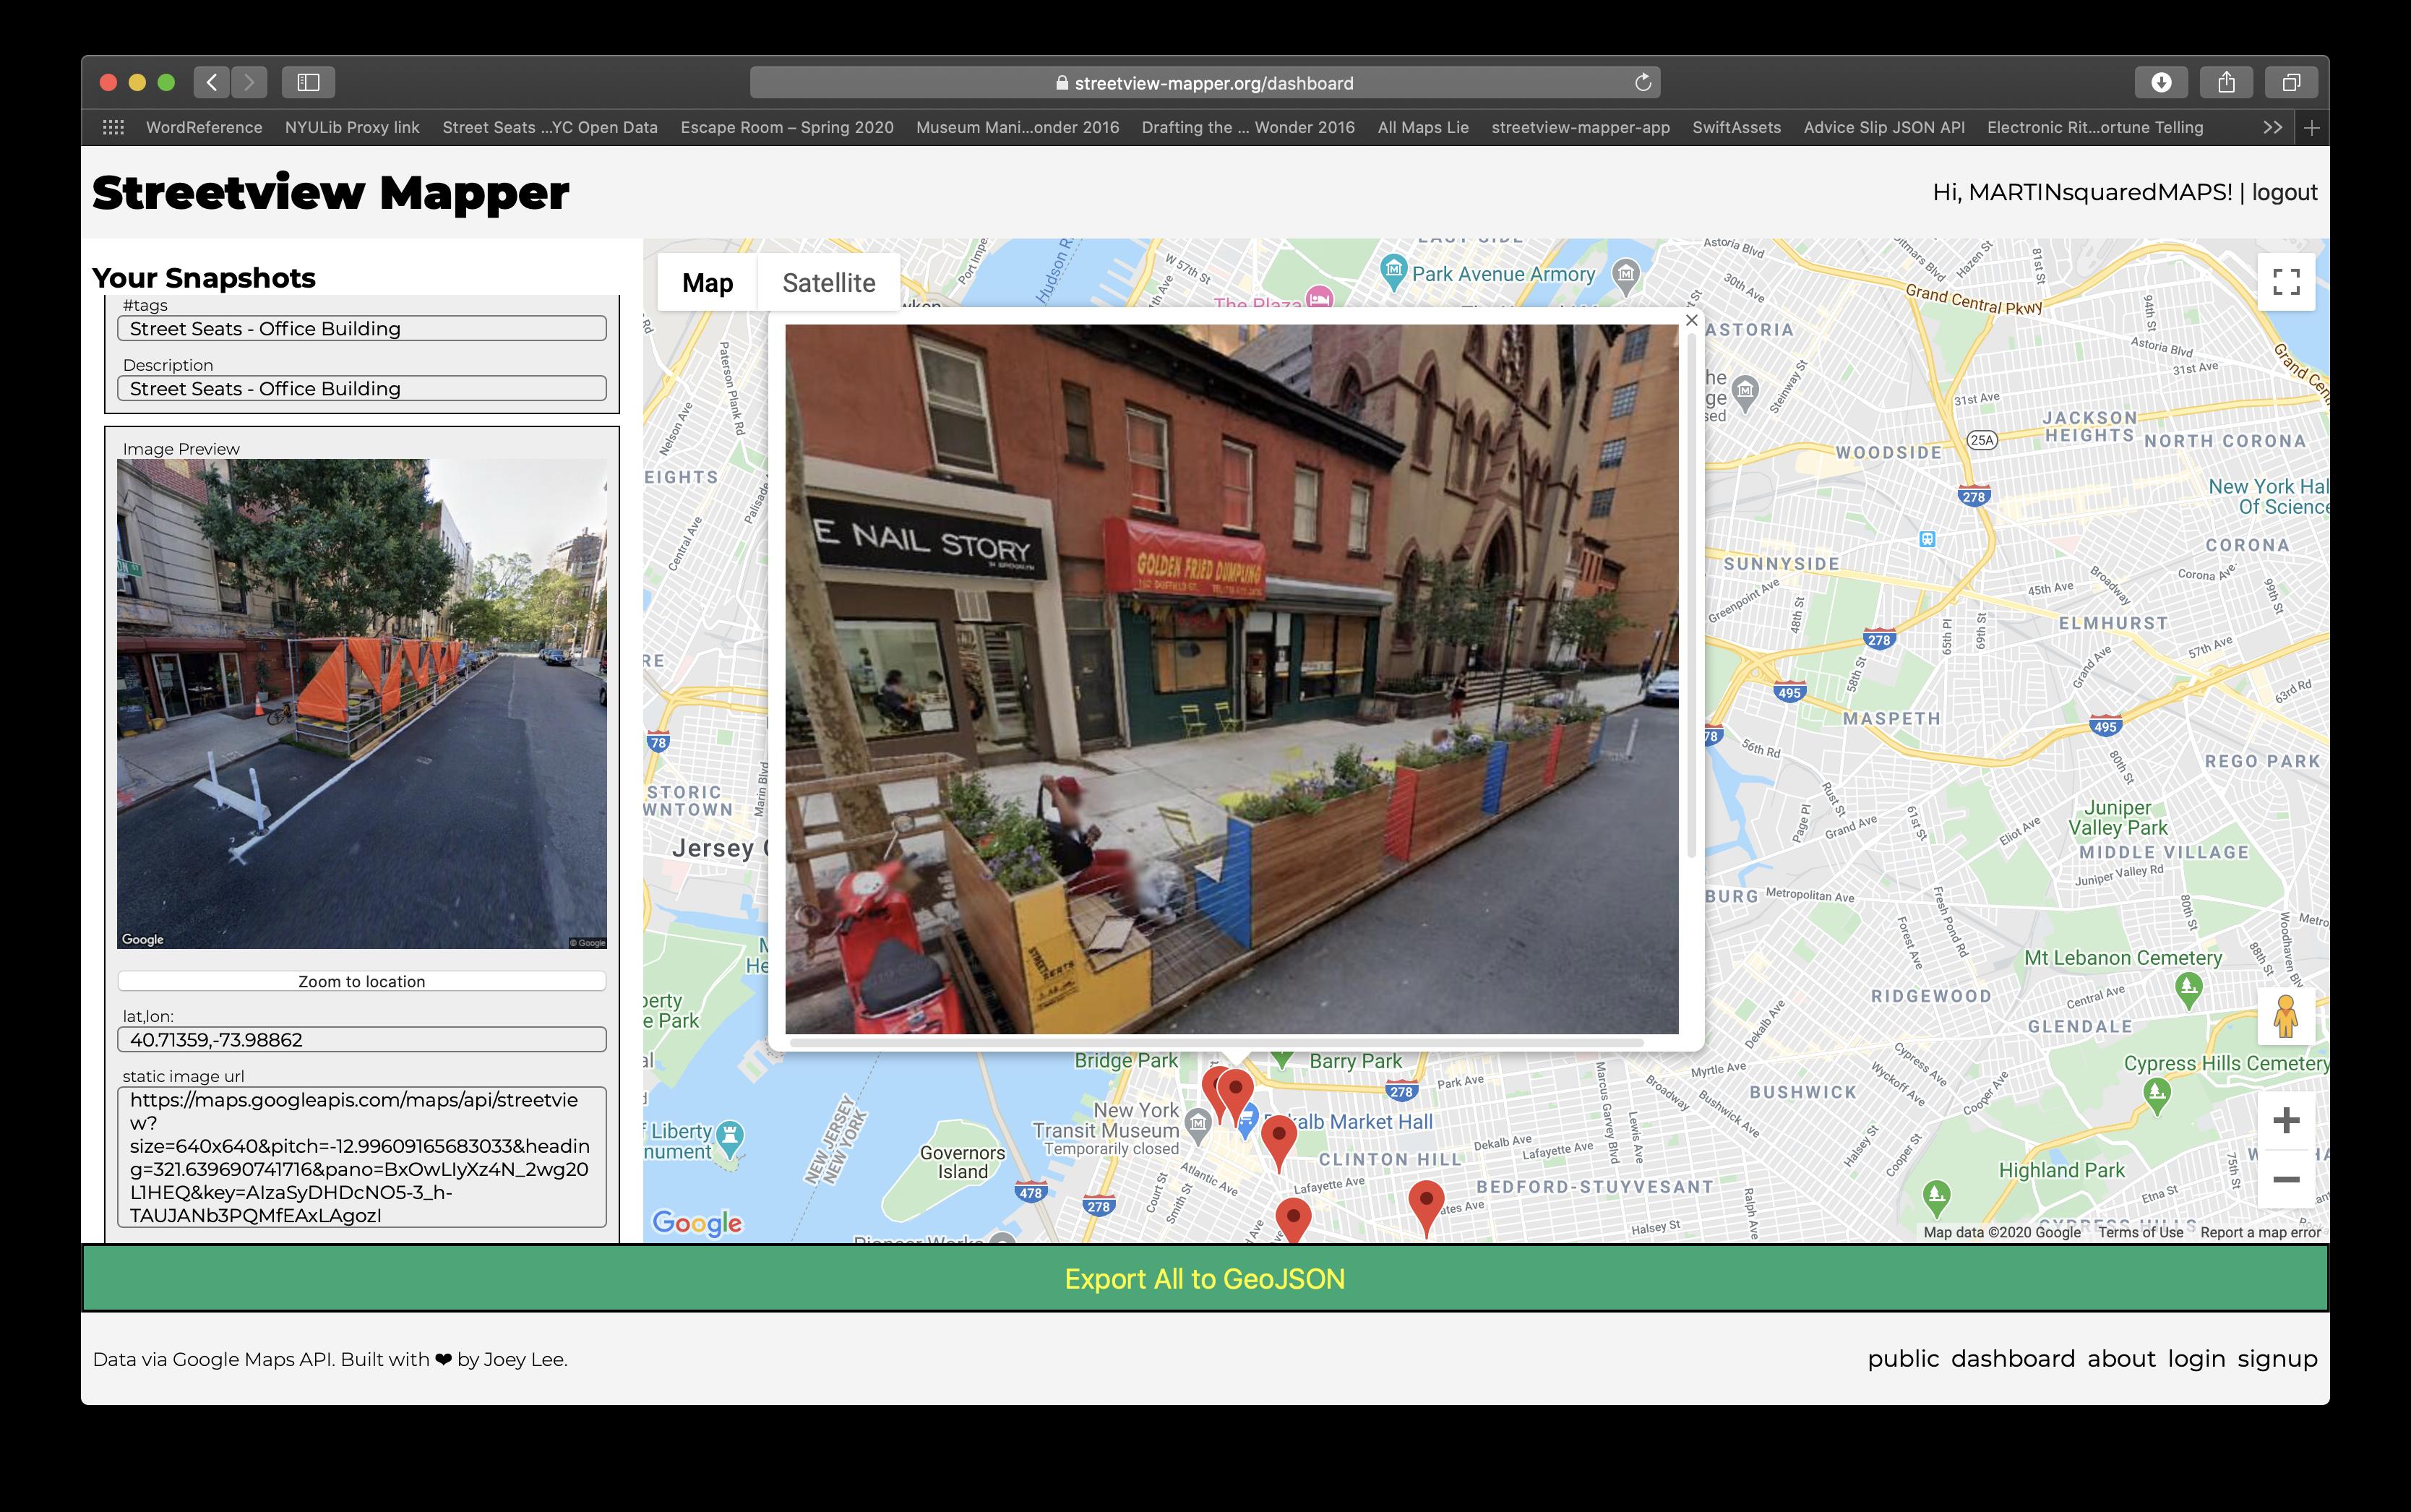 Streetview Mapper - Screen shot of Data Scavenger Hunt